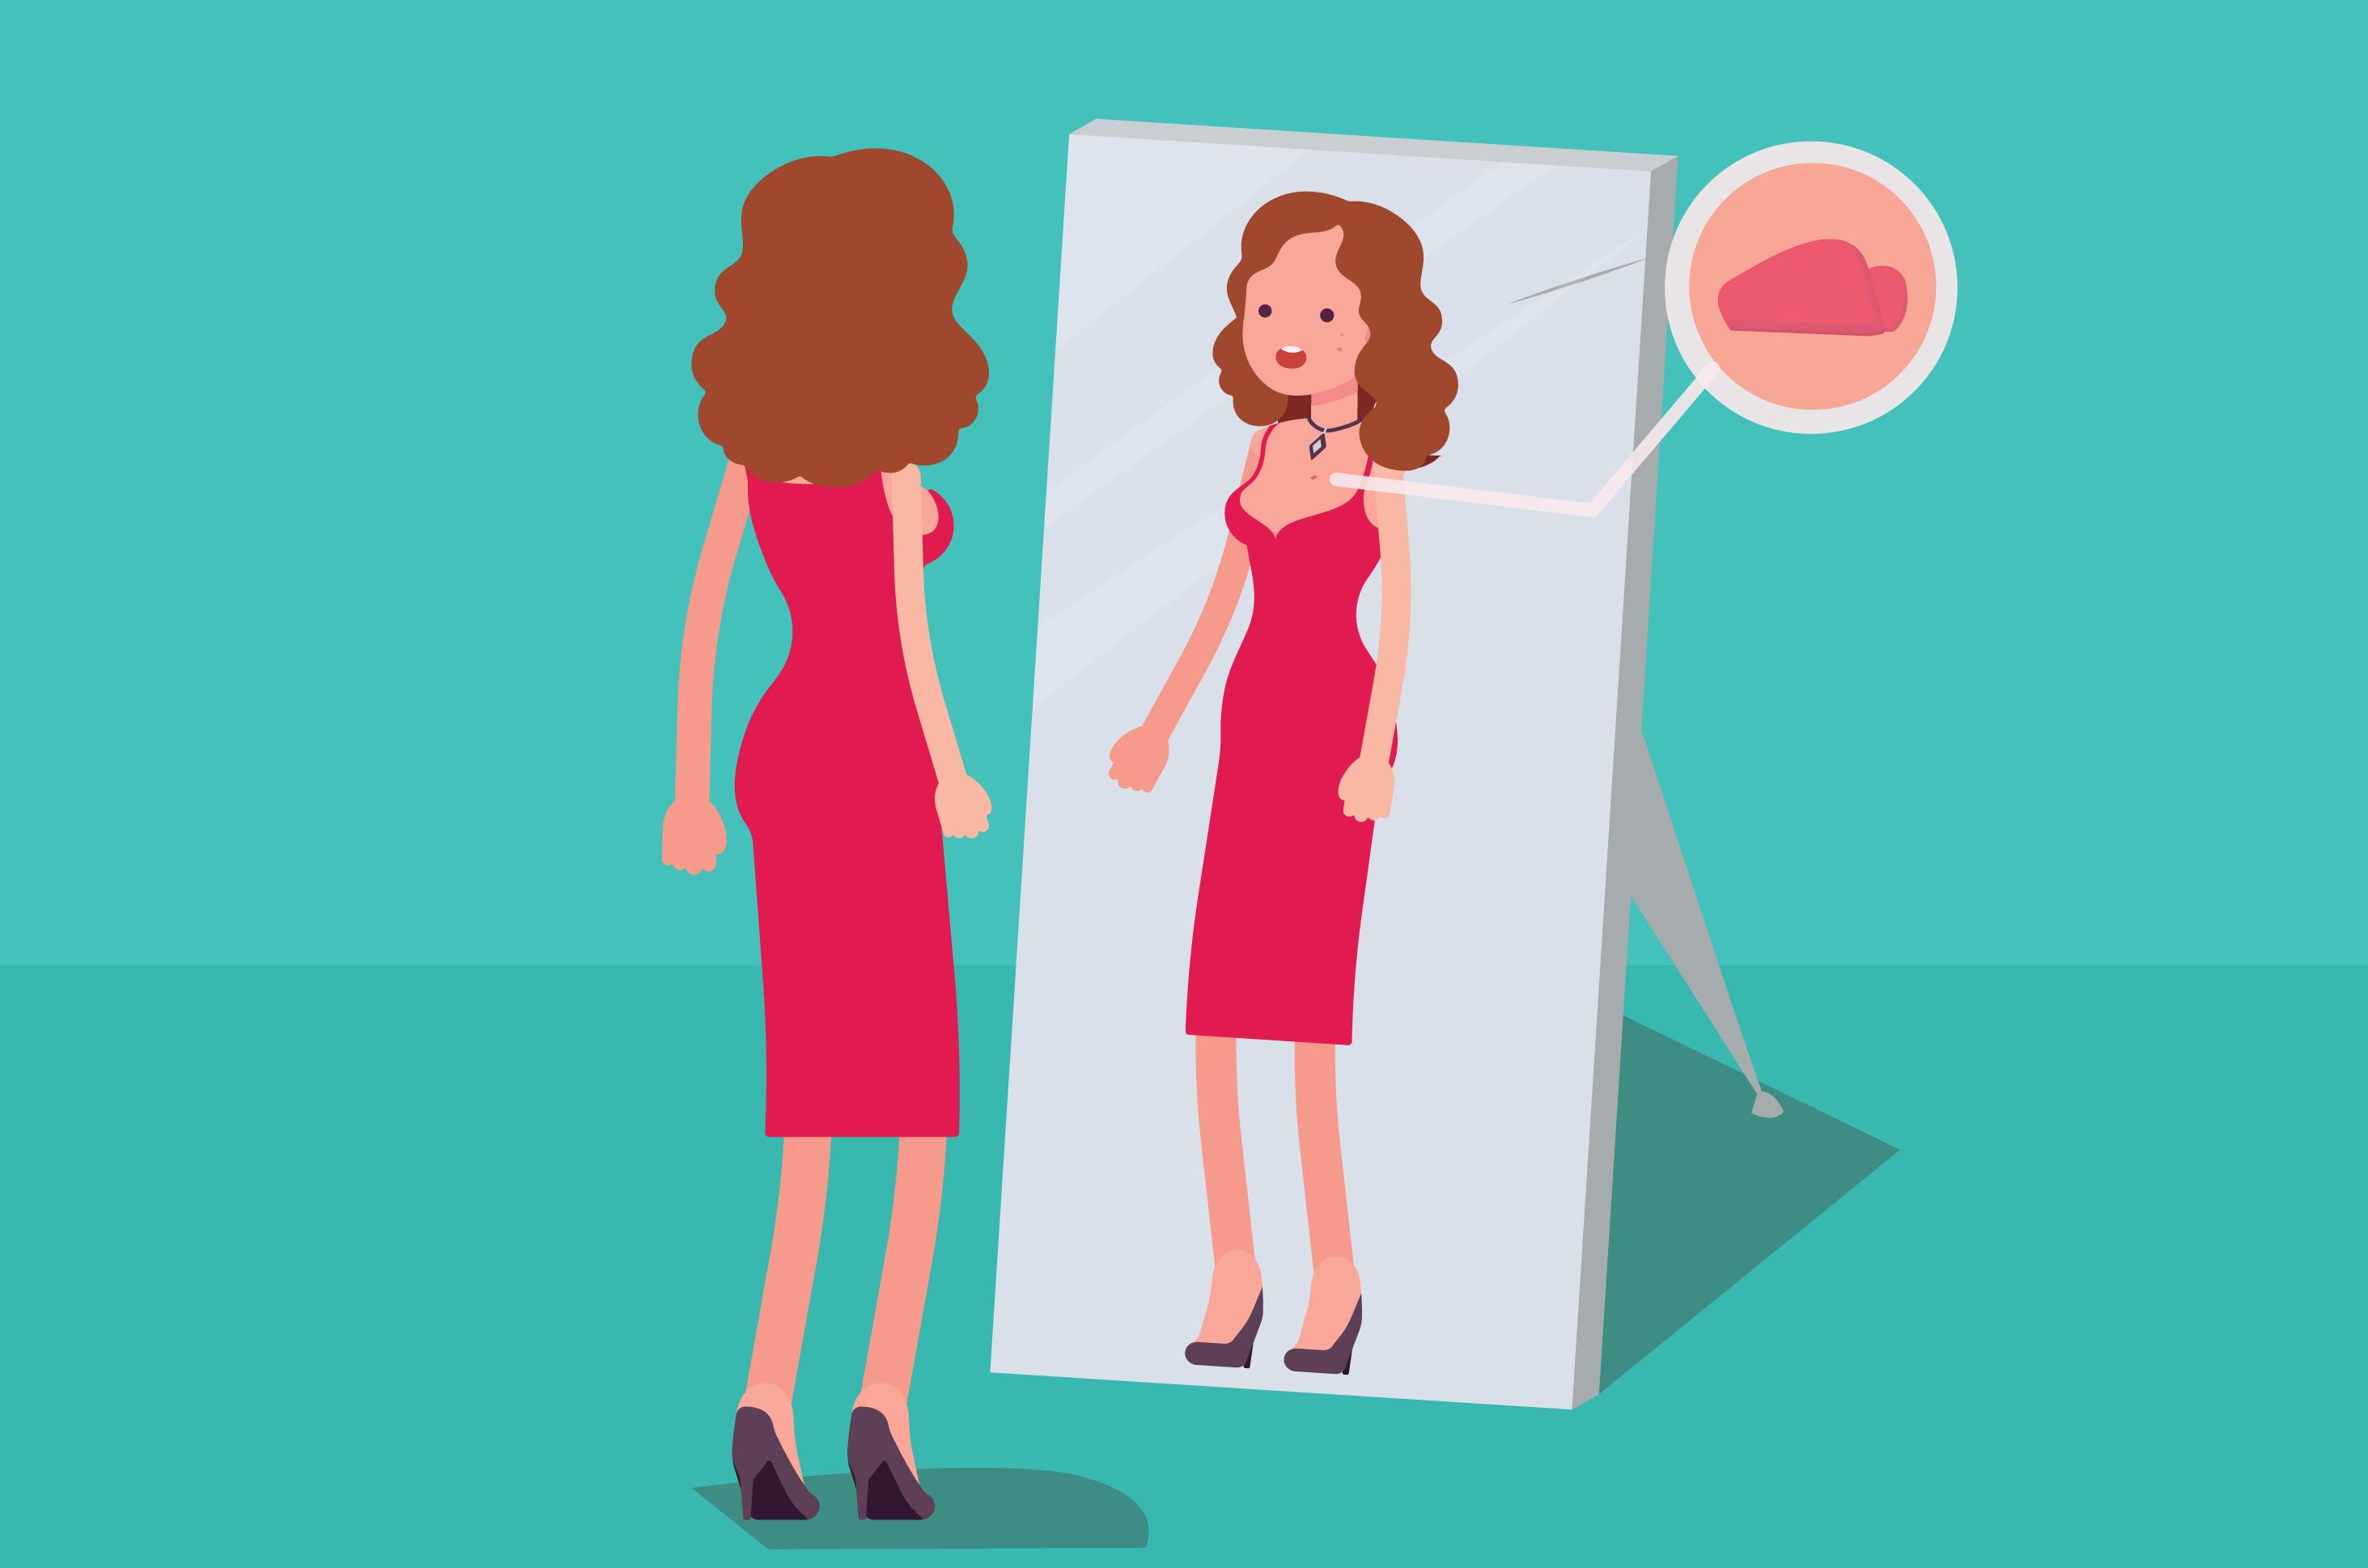 14 Cara Mencegah Kanker Payudara Dengan Alami Dan Sehat | evenimente-corporate.ro